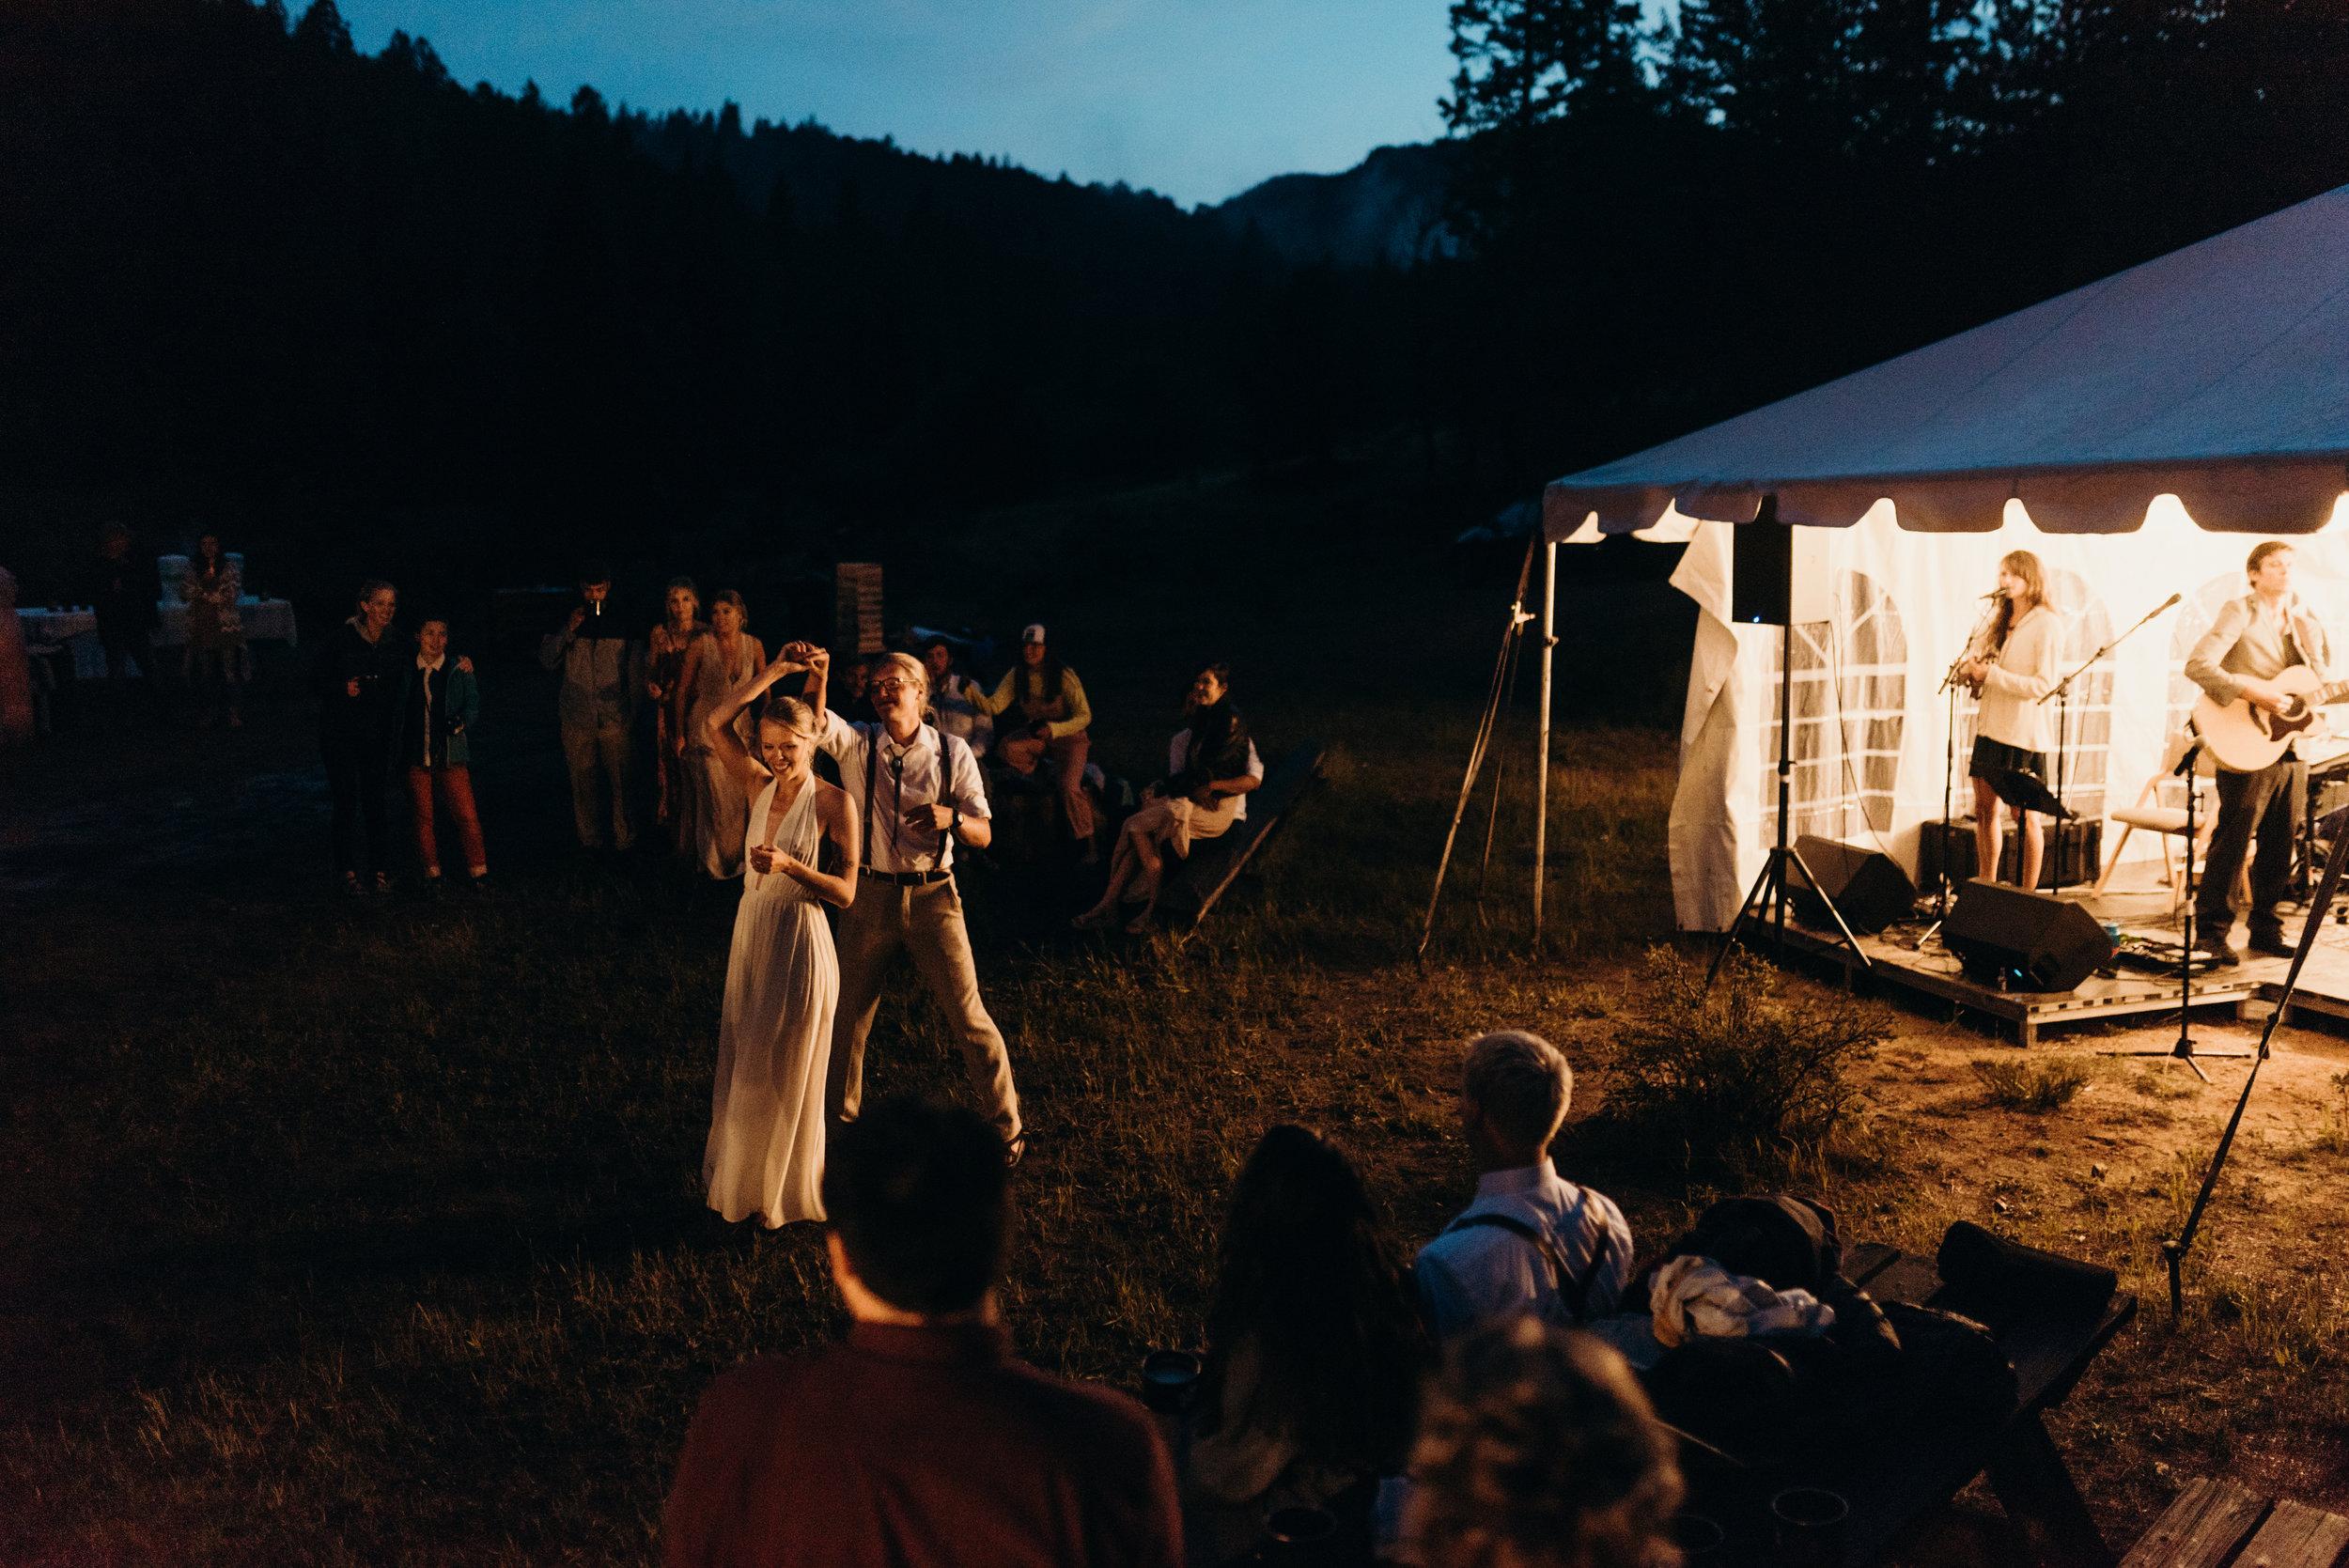 Dancing-21.jpg